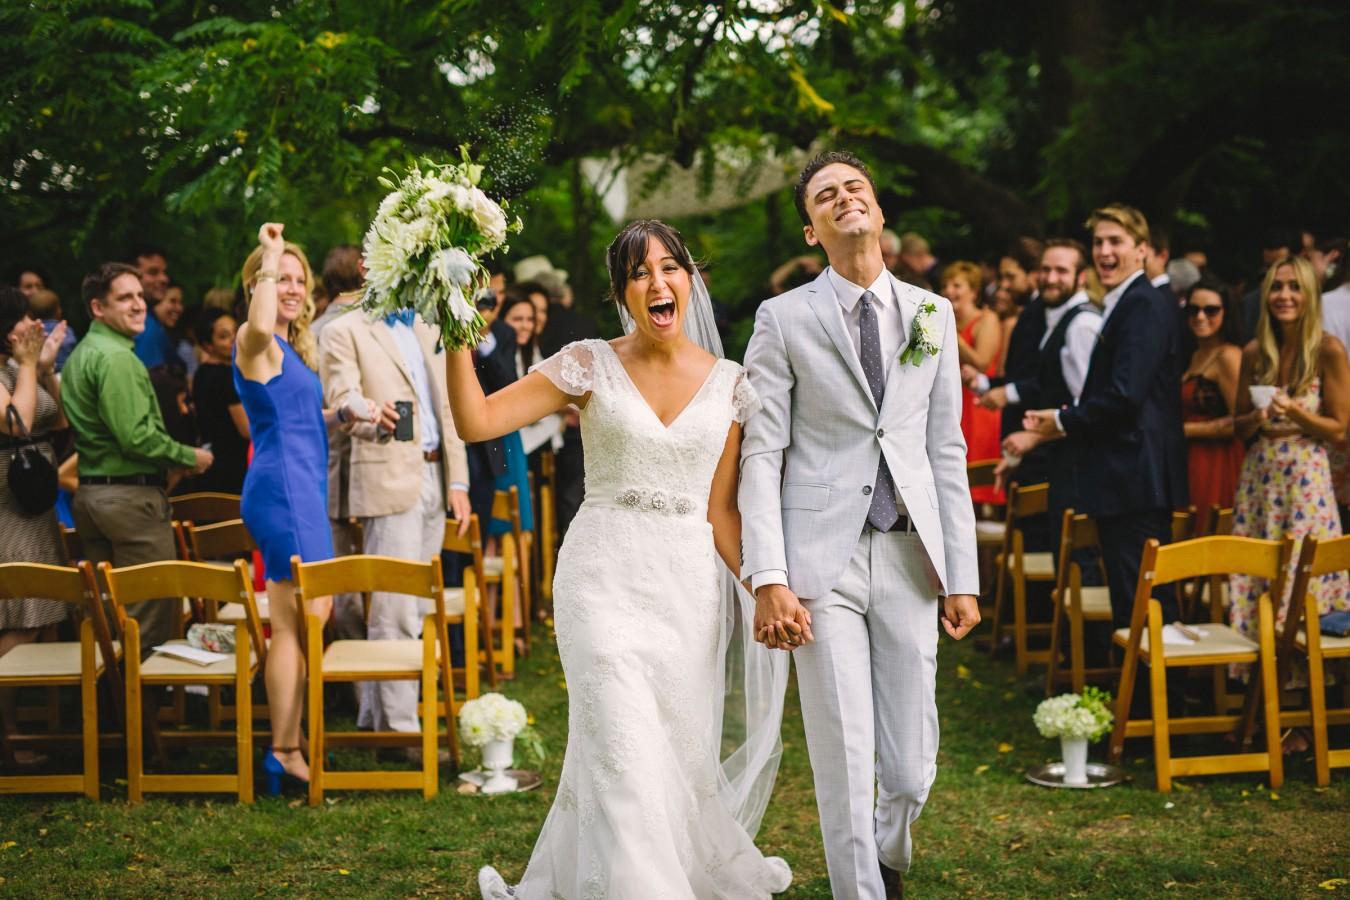 asheville wedding photographers, fete photography